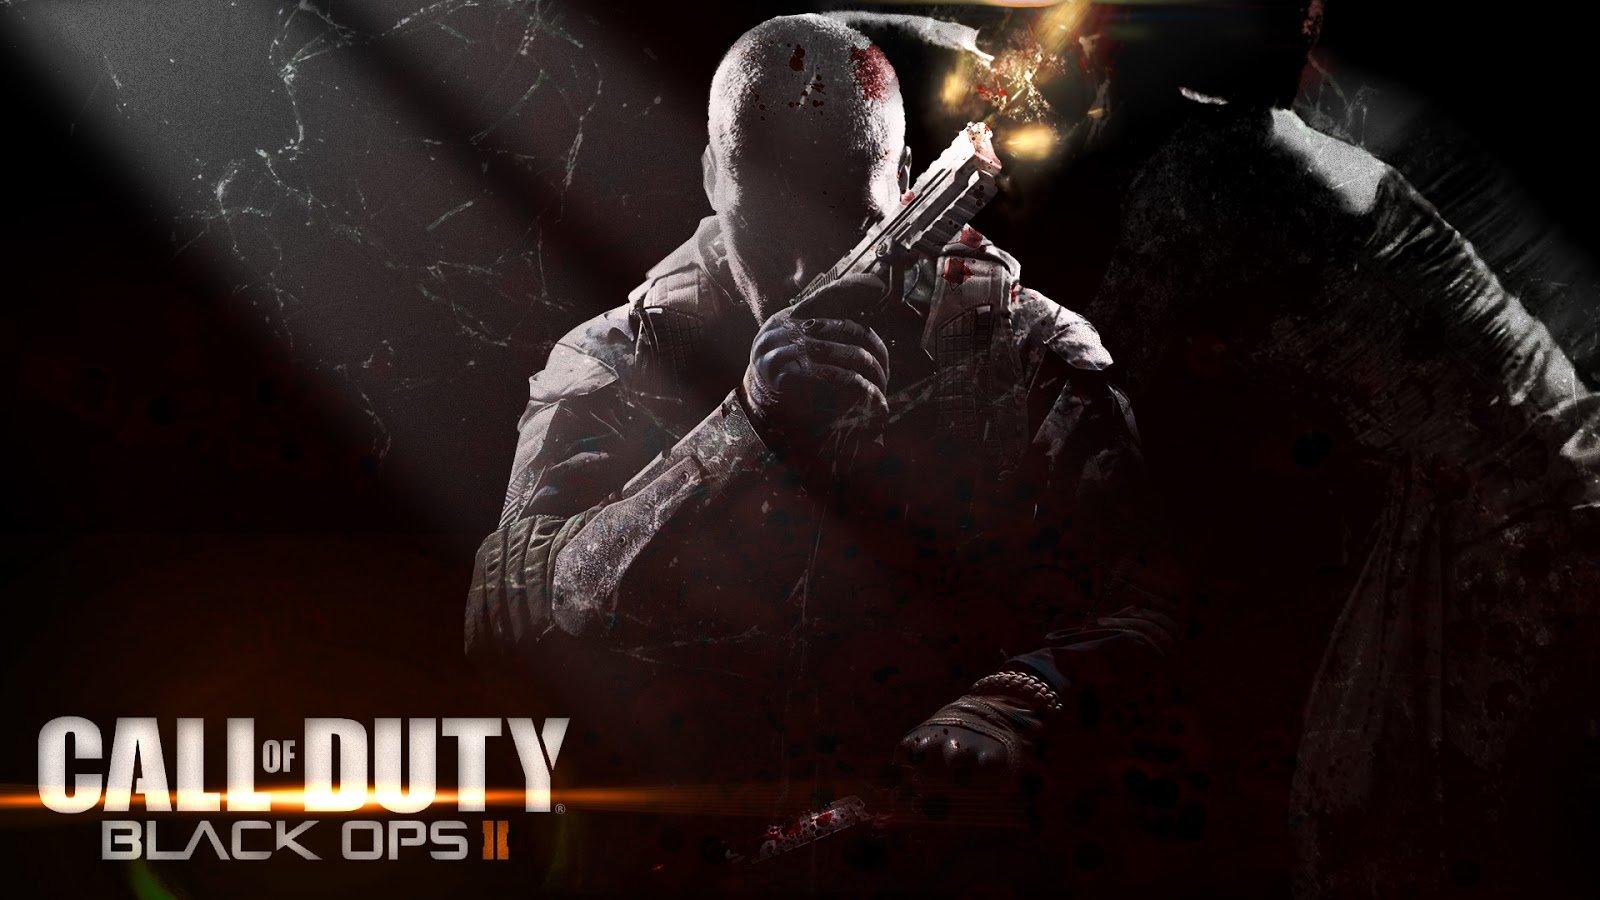 Black Ops 3 Zombie Wallpaper - WallpaperSafari